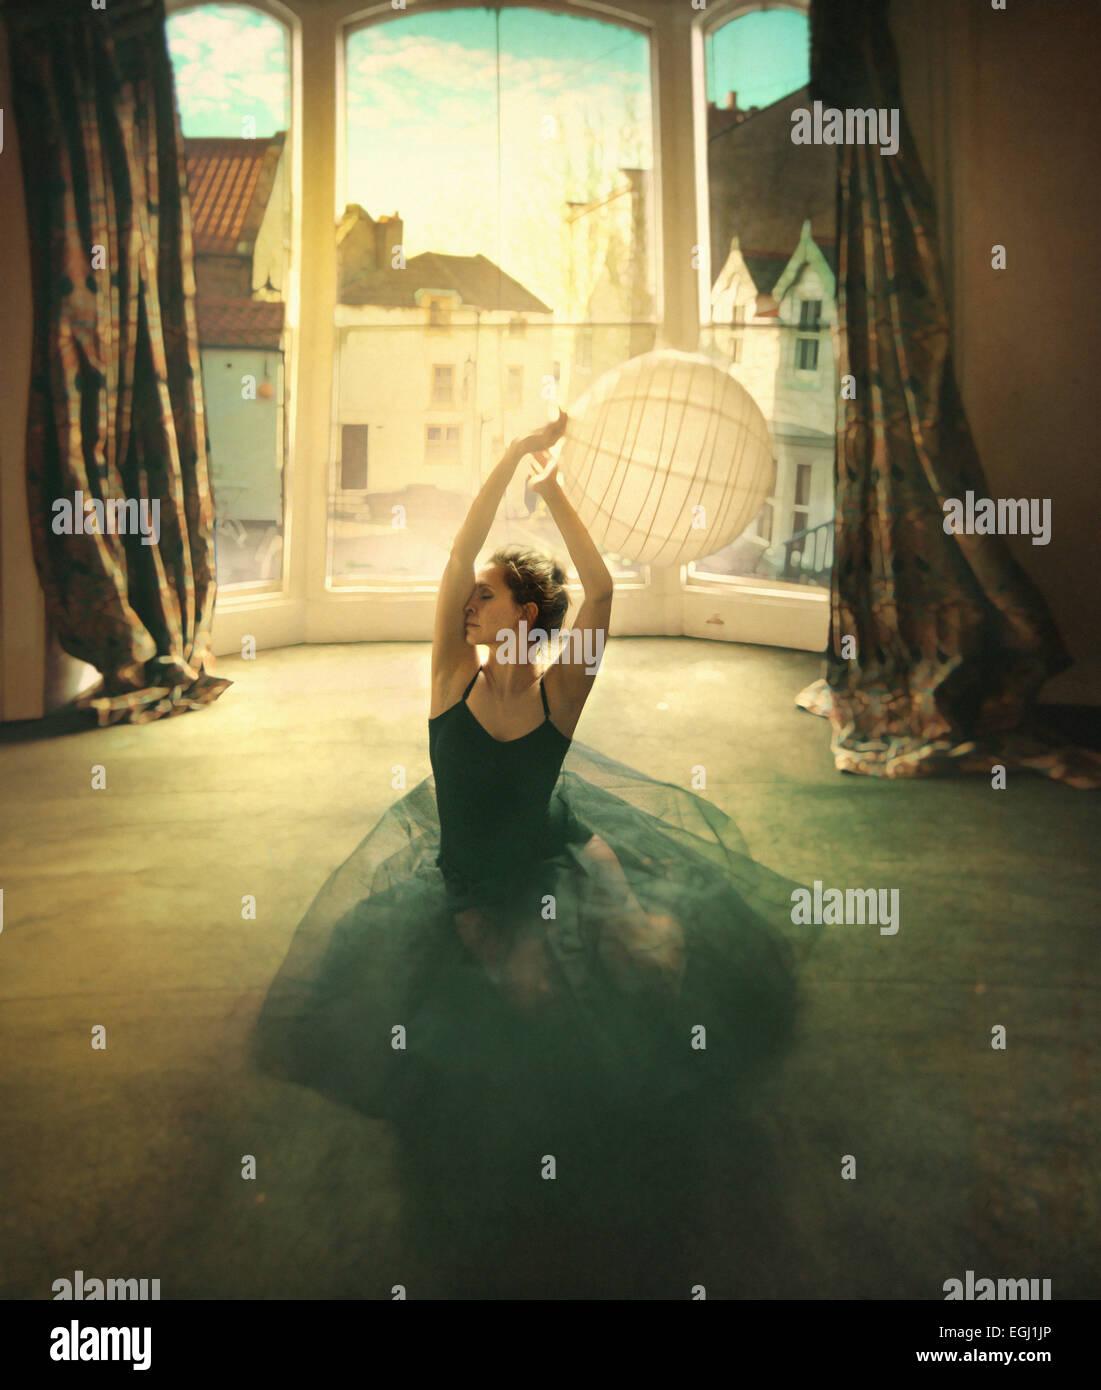 junge Tänzerin, die Standortwahl auf der Etage Stockbild